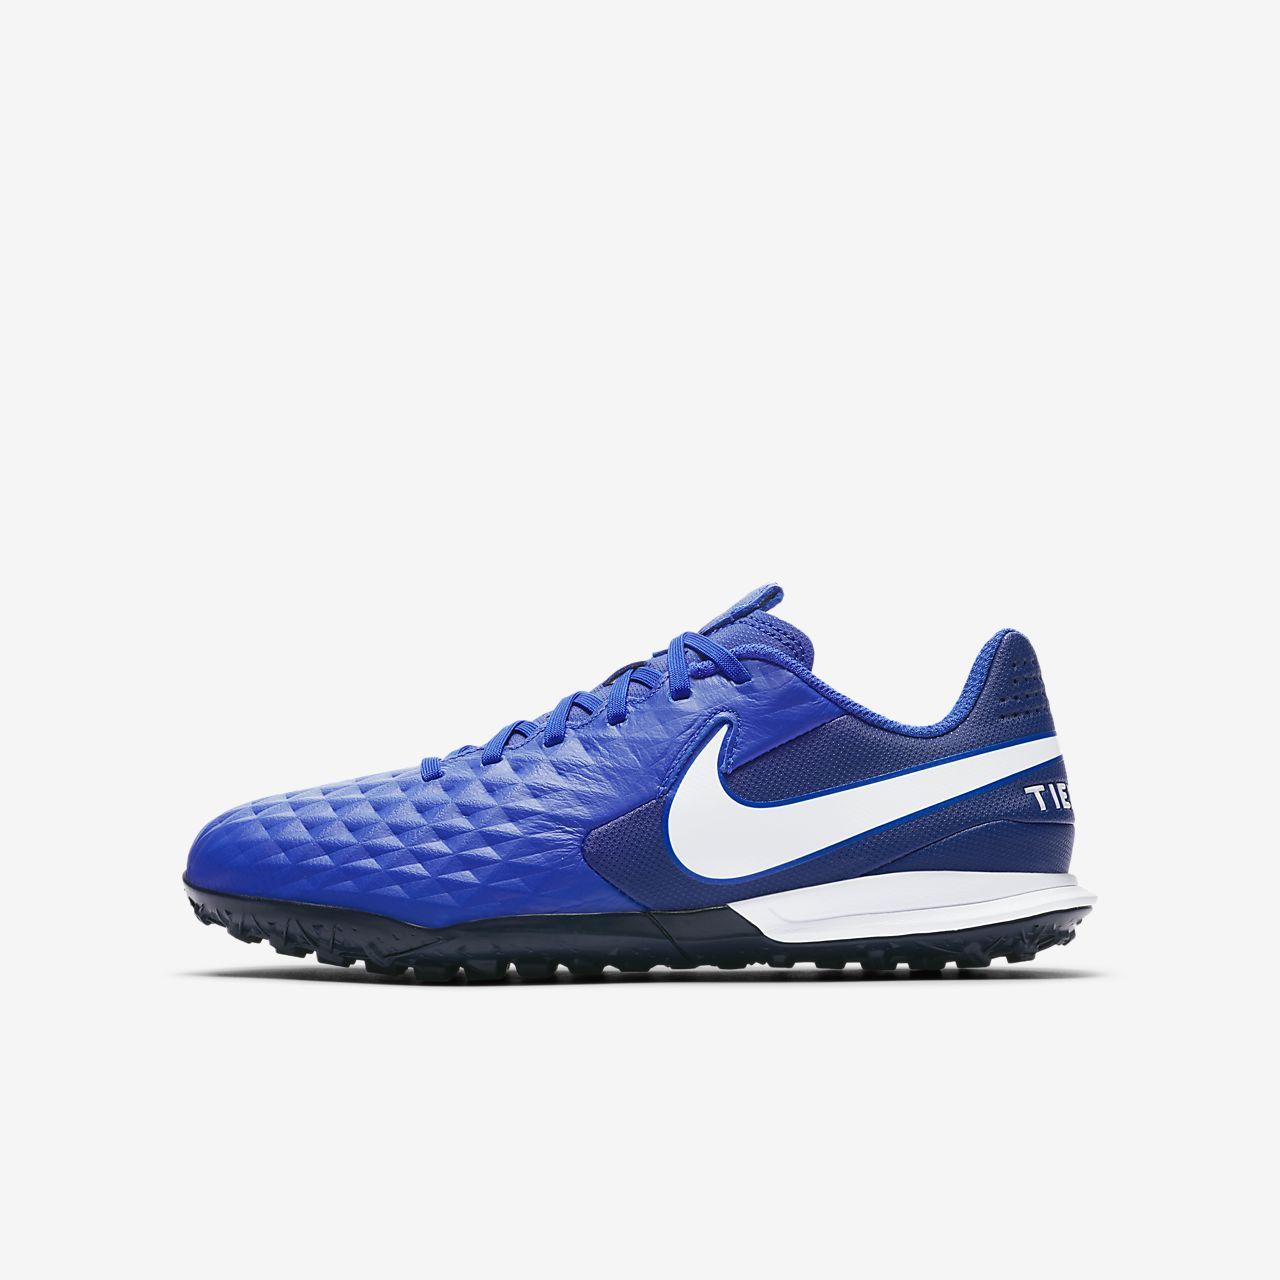 Nike Synthétique Football JrTiempo Chaussure Academy Plus Âgé Tf Enfantenfant Surface De Pour Legend Jeune 8 5RL4jA